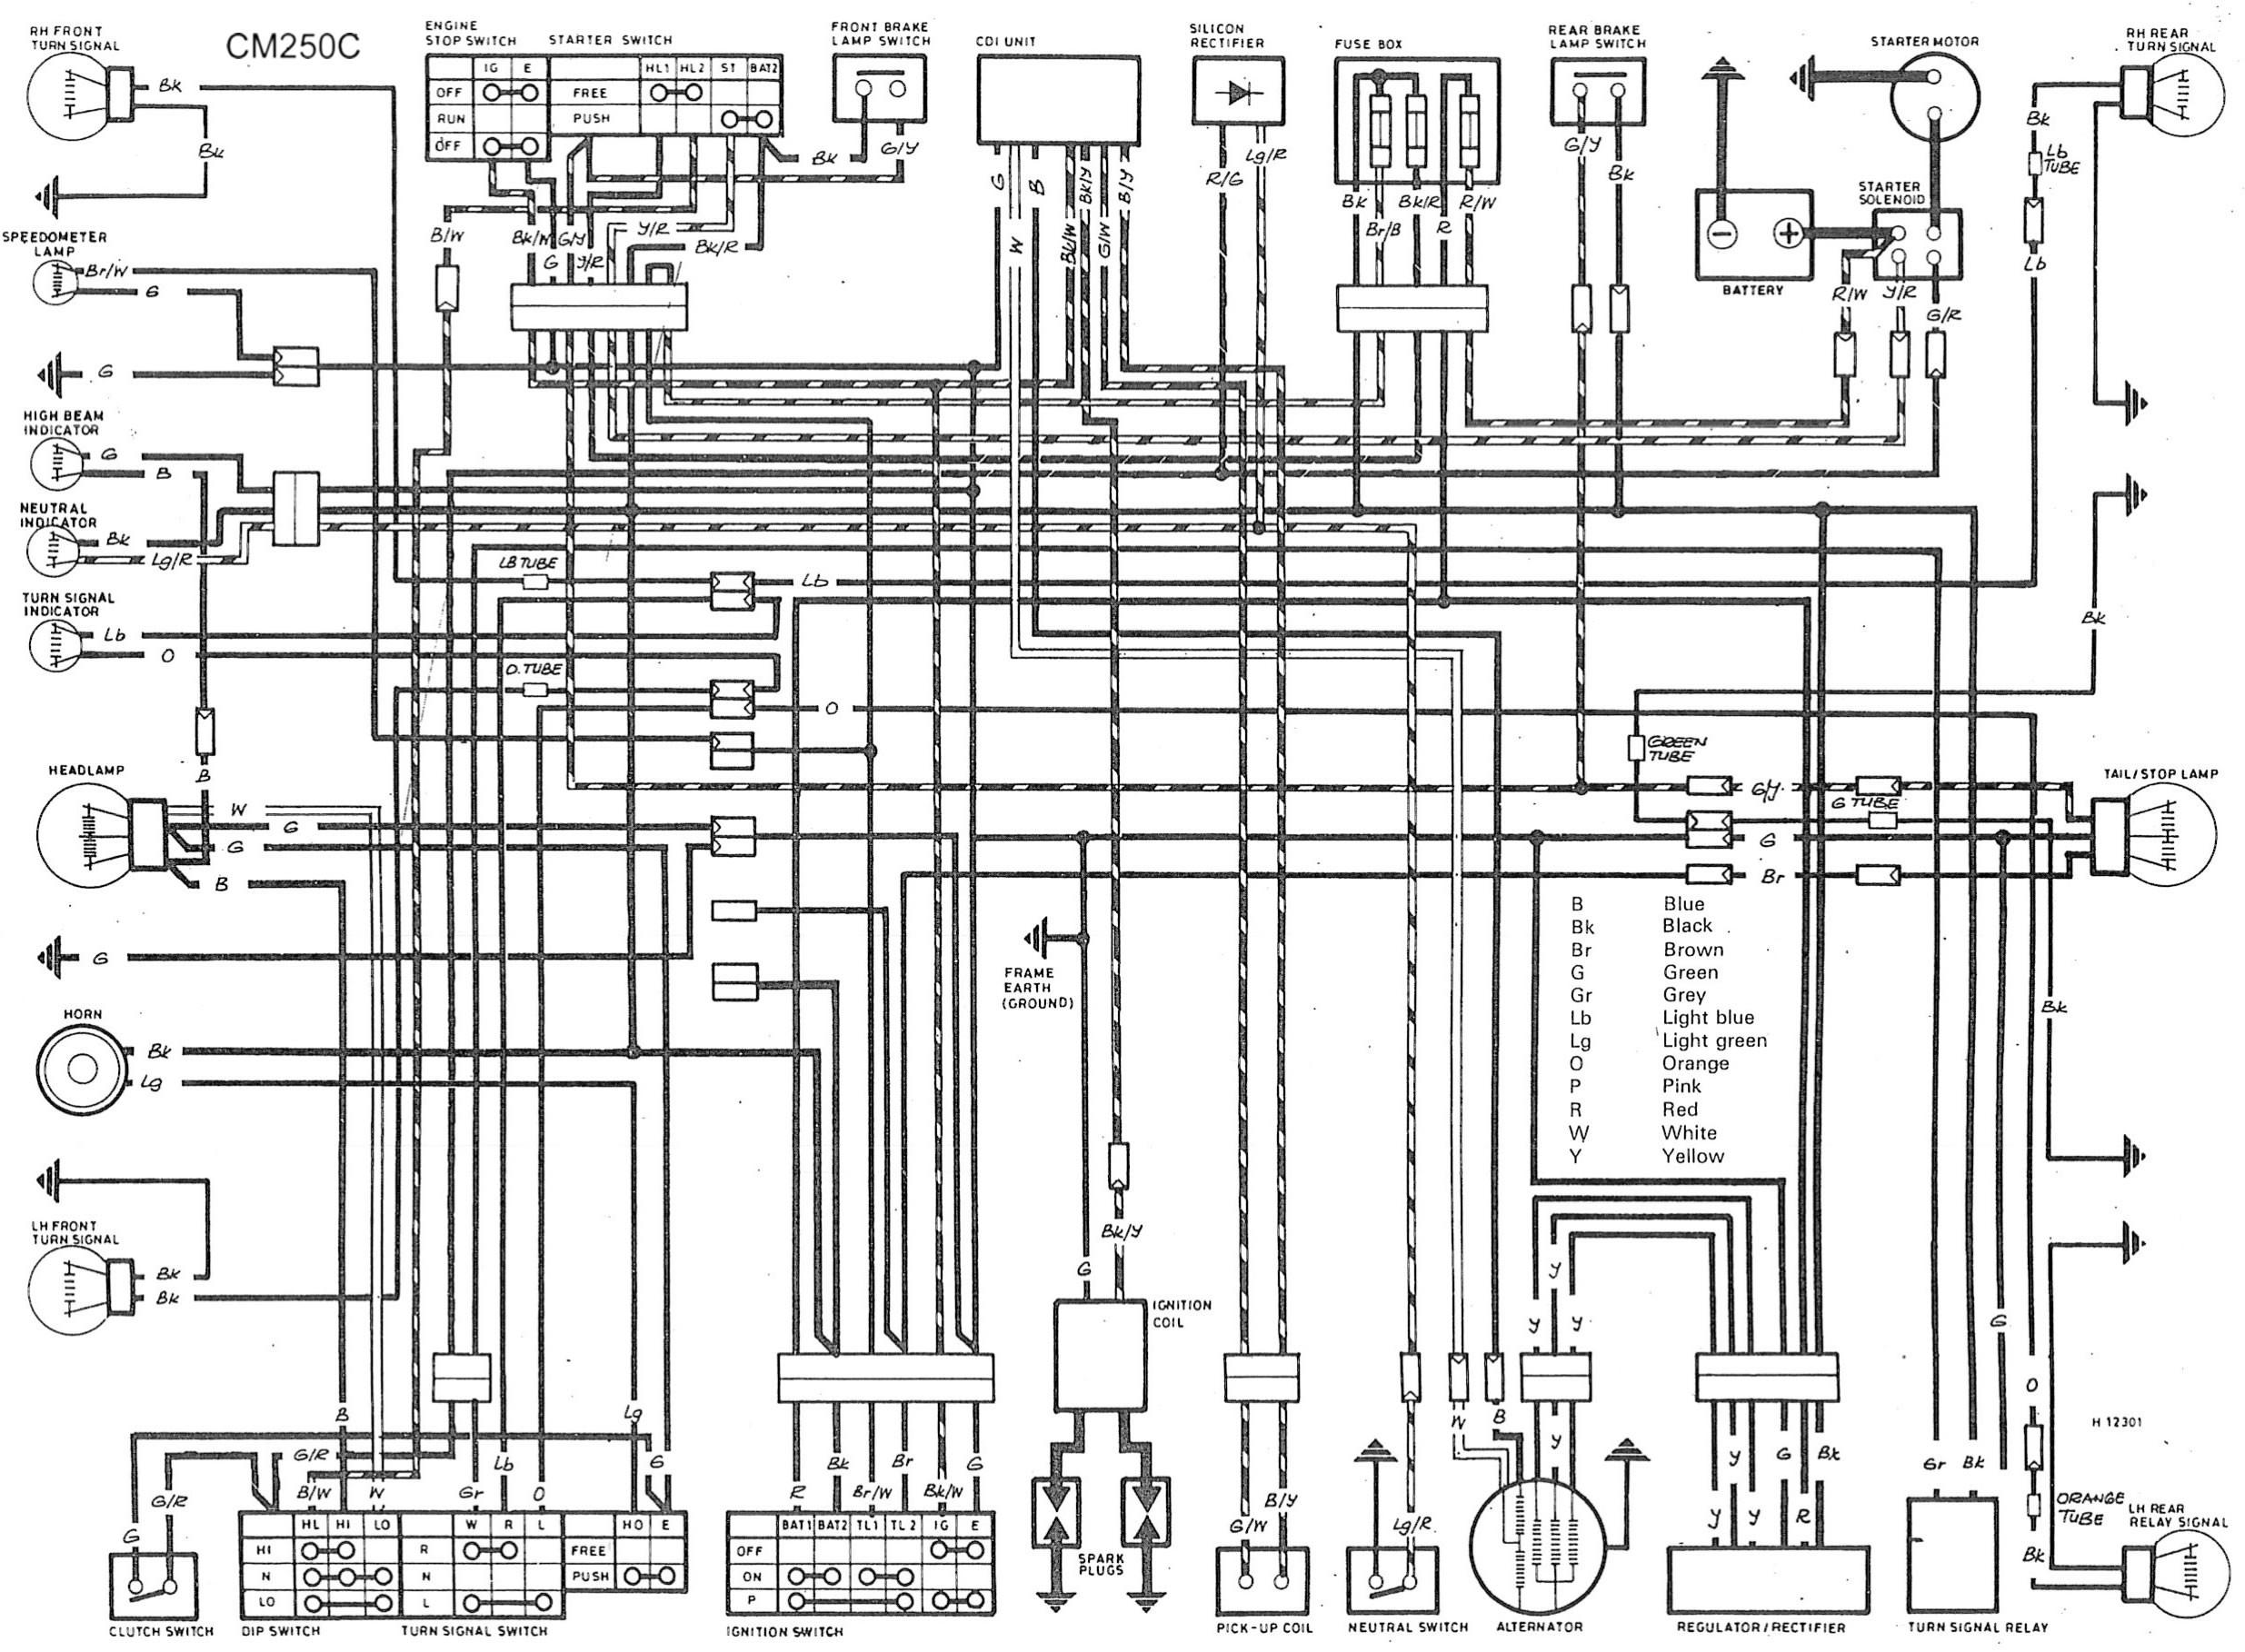 Motorcycle Gearbox Diagram Honda Cm 250 Custom Motorcycle Cm250c Of Motorcycle Gearbox Diagram